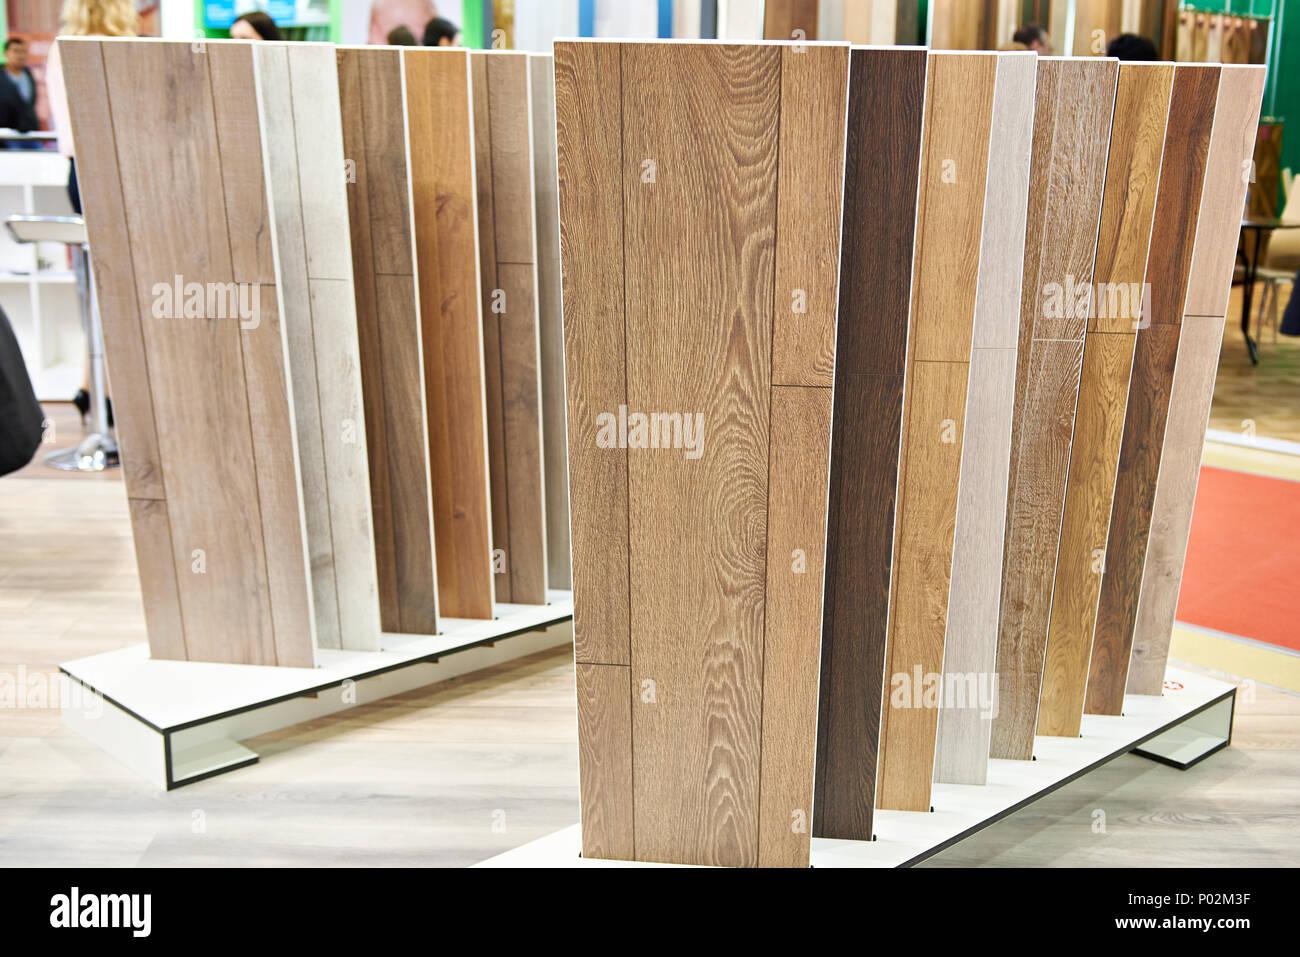 Decorazioni In Legno Per Pareti : Decorazione di pannelli in legno per le pareti e il pavimento in